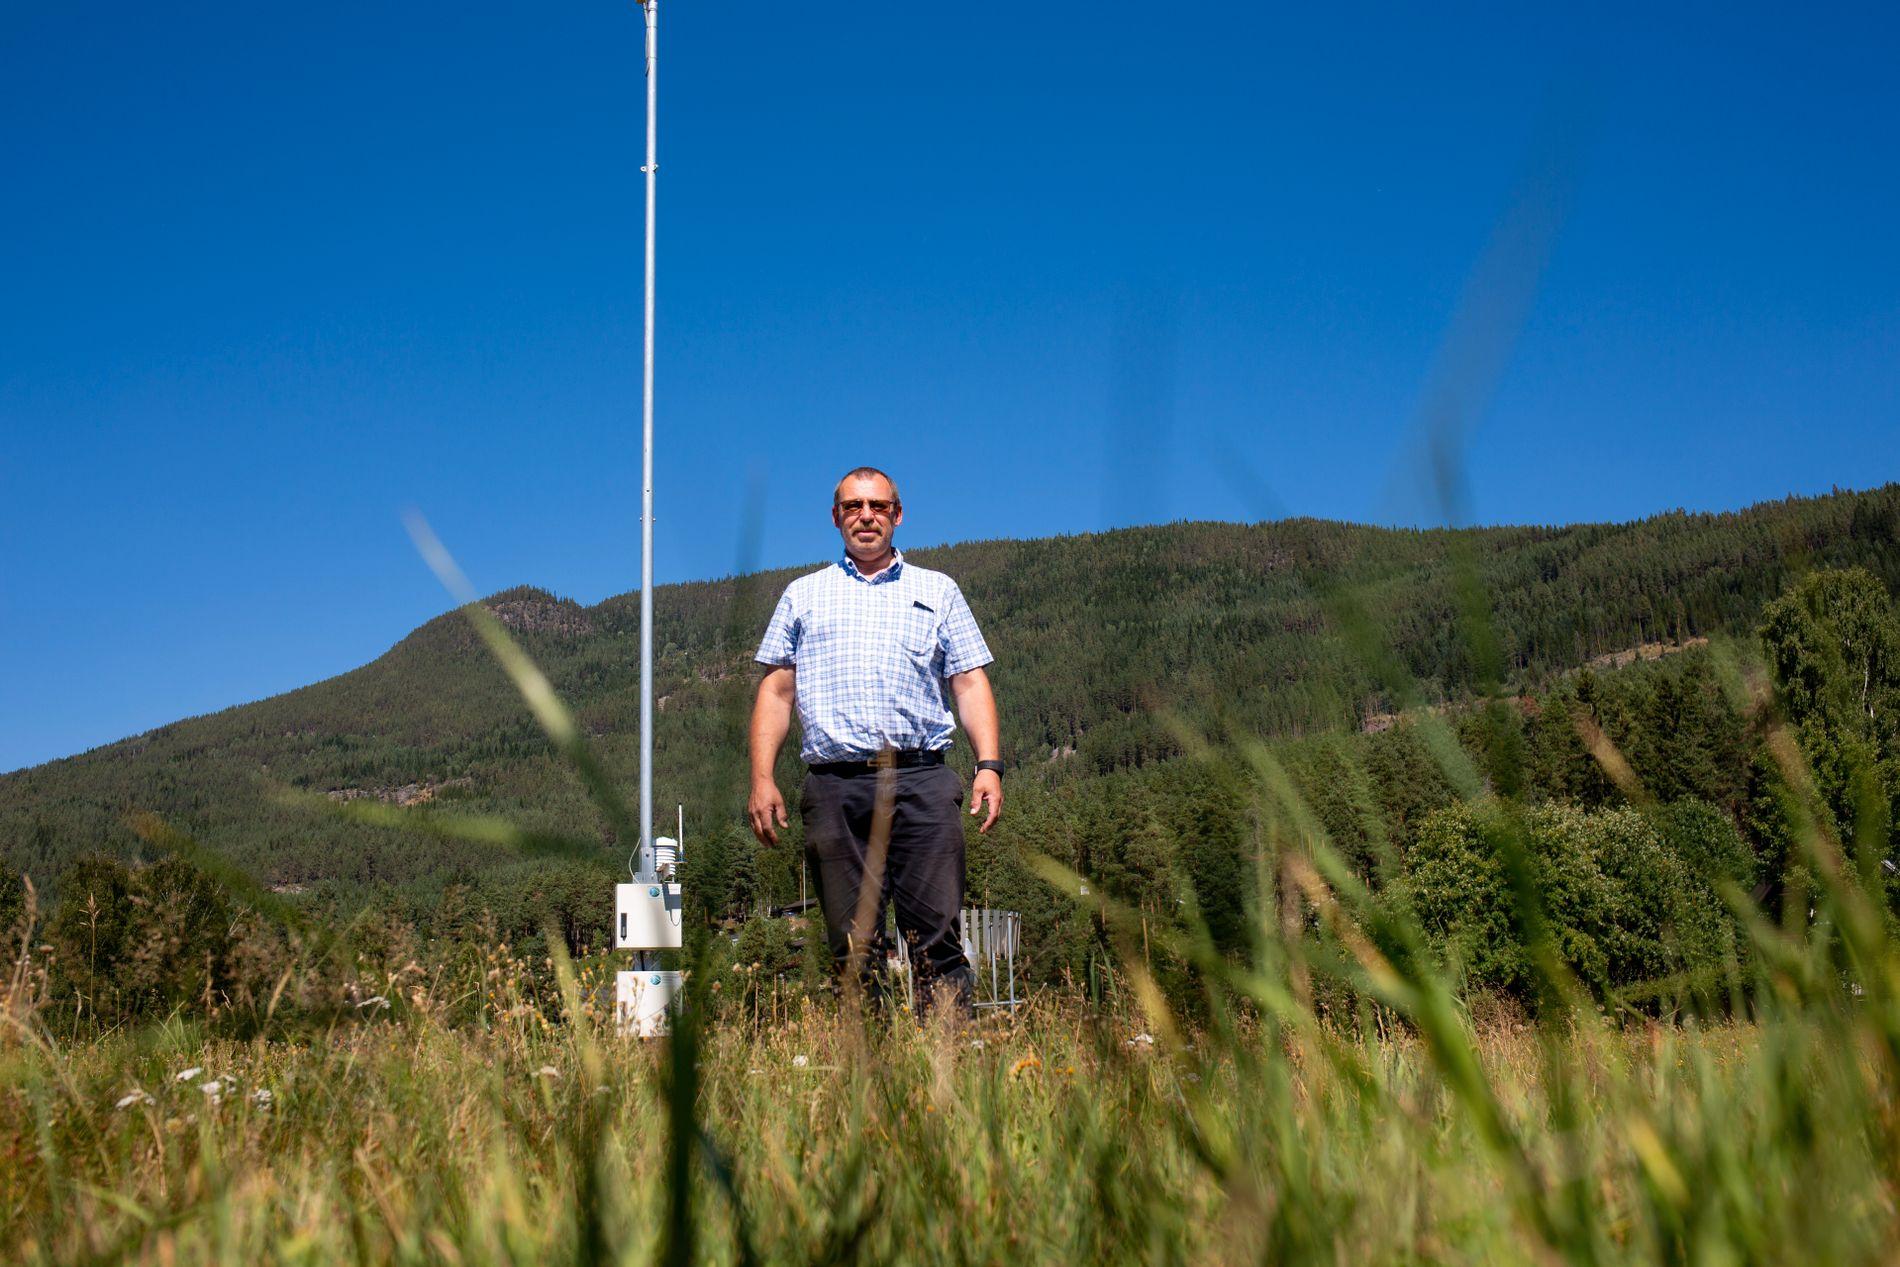 VÆRENTUSIAST: Nils Gudbrandsplass har rigget til en egen temperaturmåler i hagen. Her er han foran målestasjonen Todokk i Nesbyen - som vil avgjøre om den nesten 40 år gamle temperaturrekorden vil stå ved.